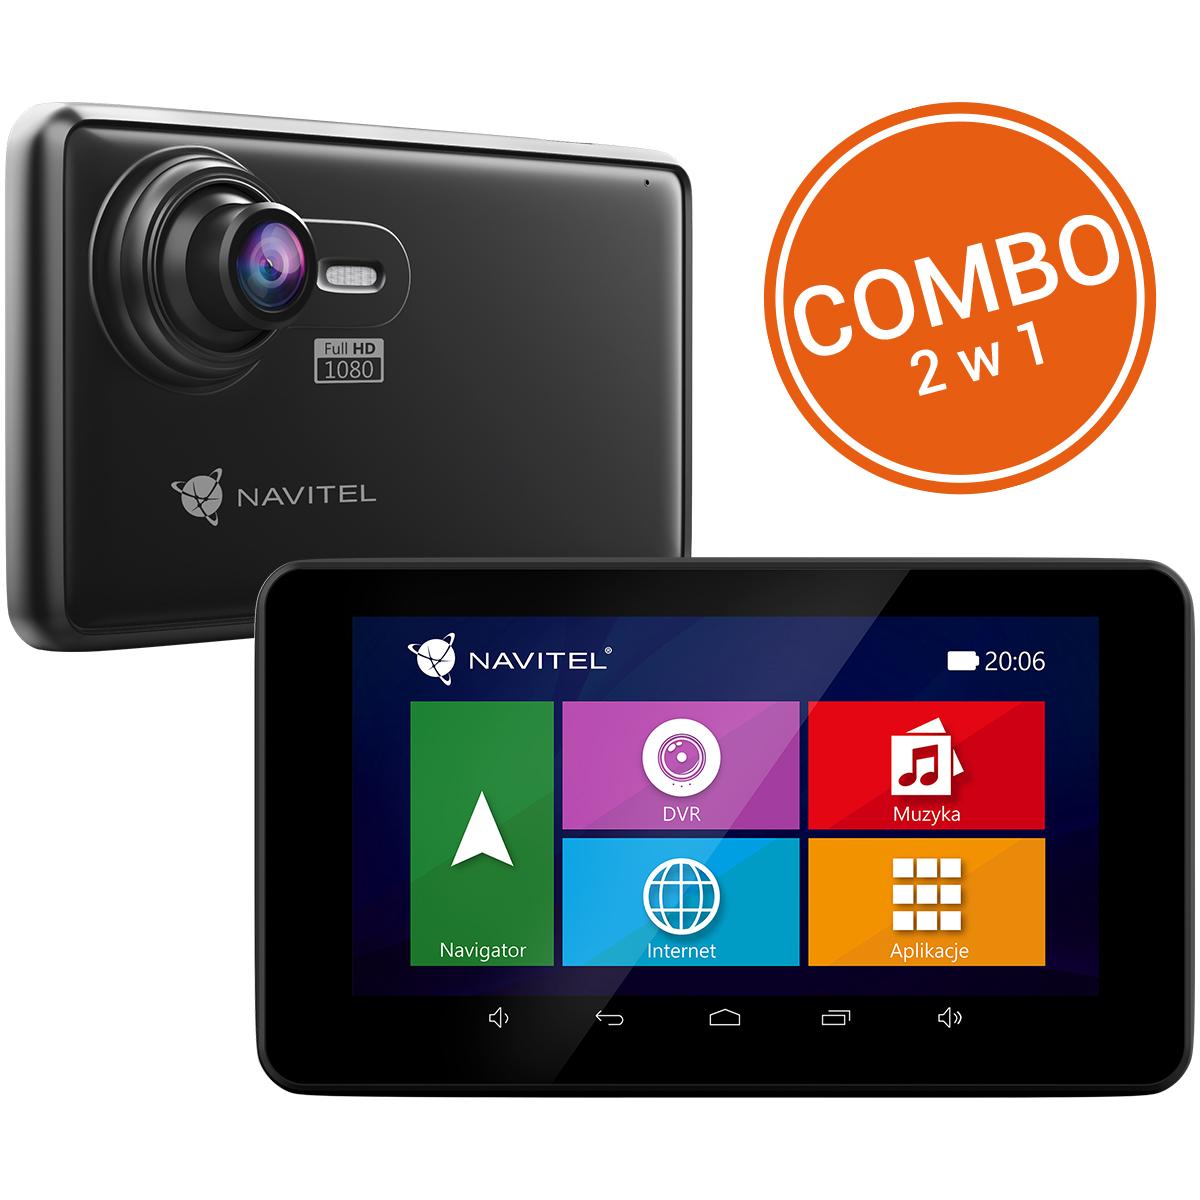 NAVITEL RE900 rejestrator jazdy z nawigacją GPS 47 krajów (FHD, BT), odbiór Carrefour 0 zł